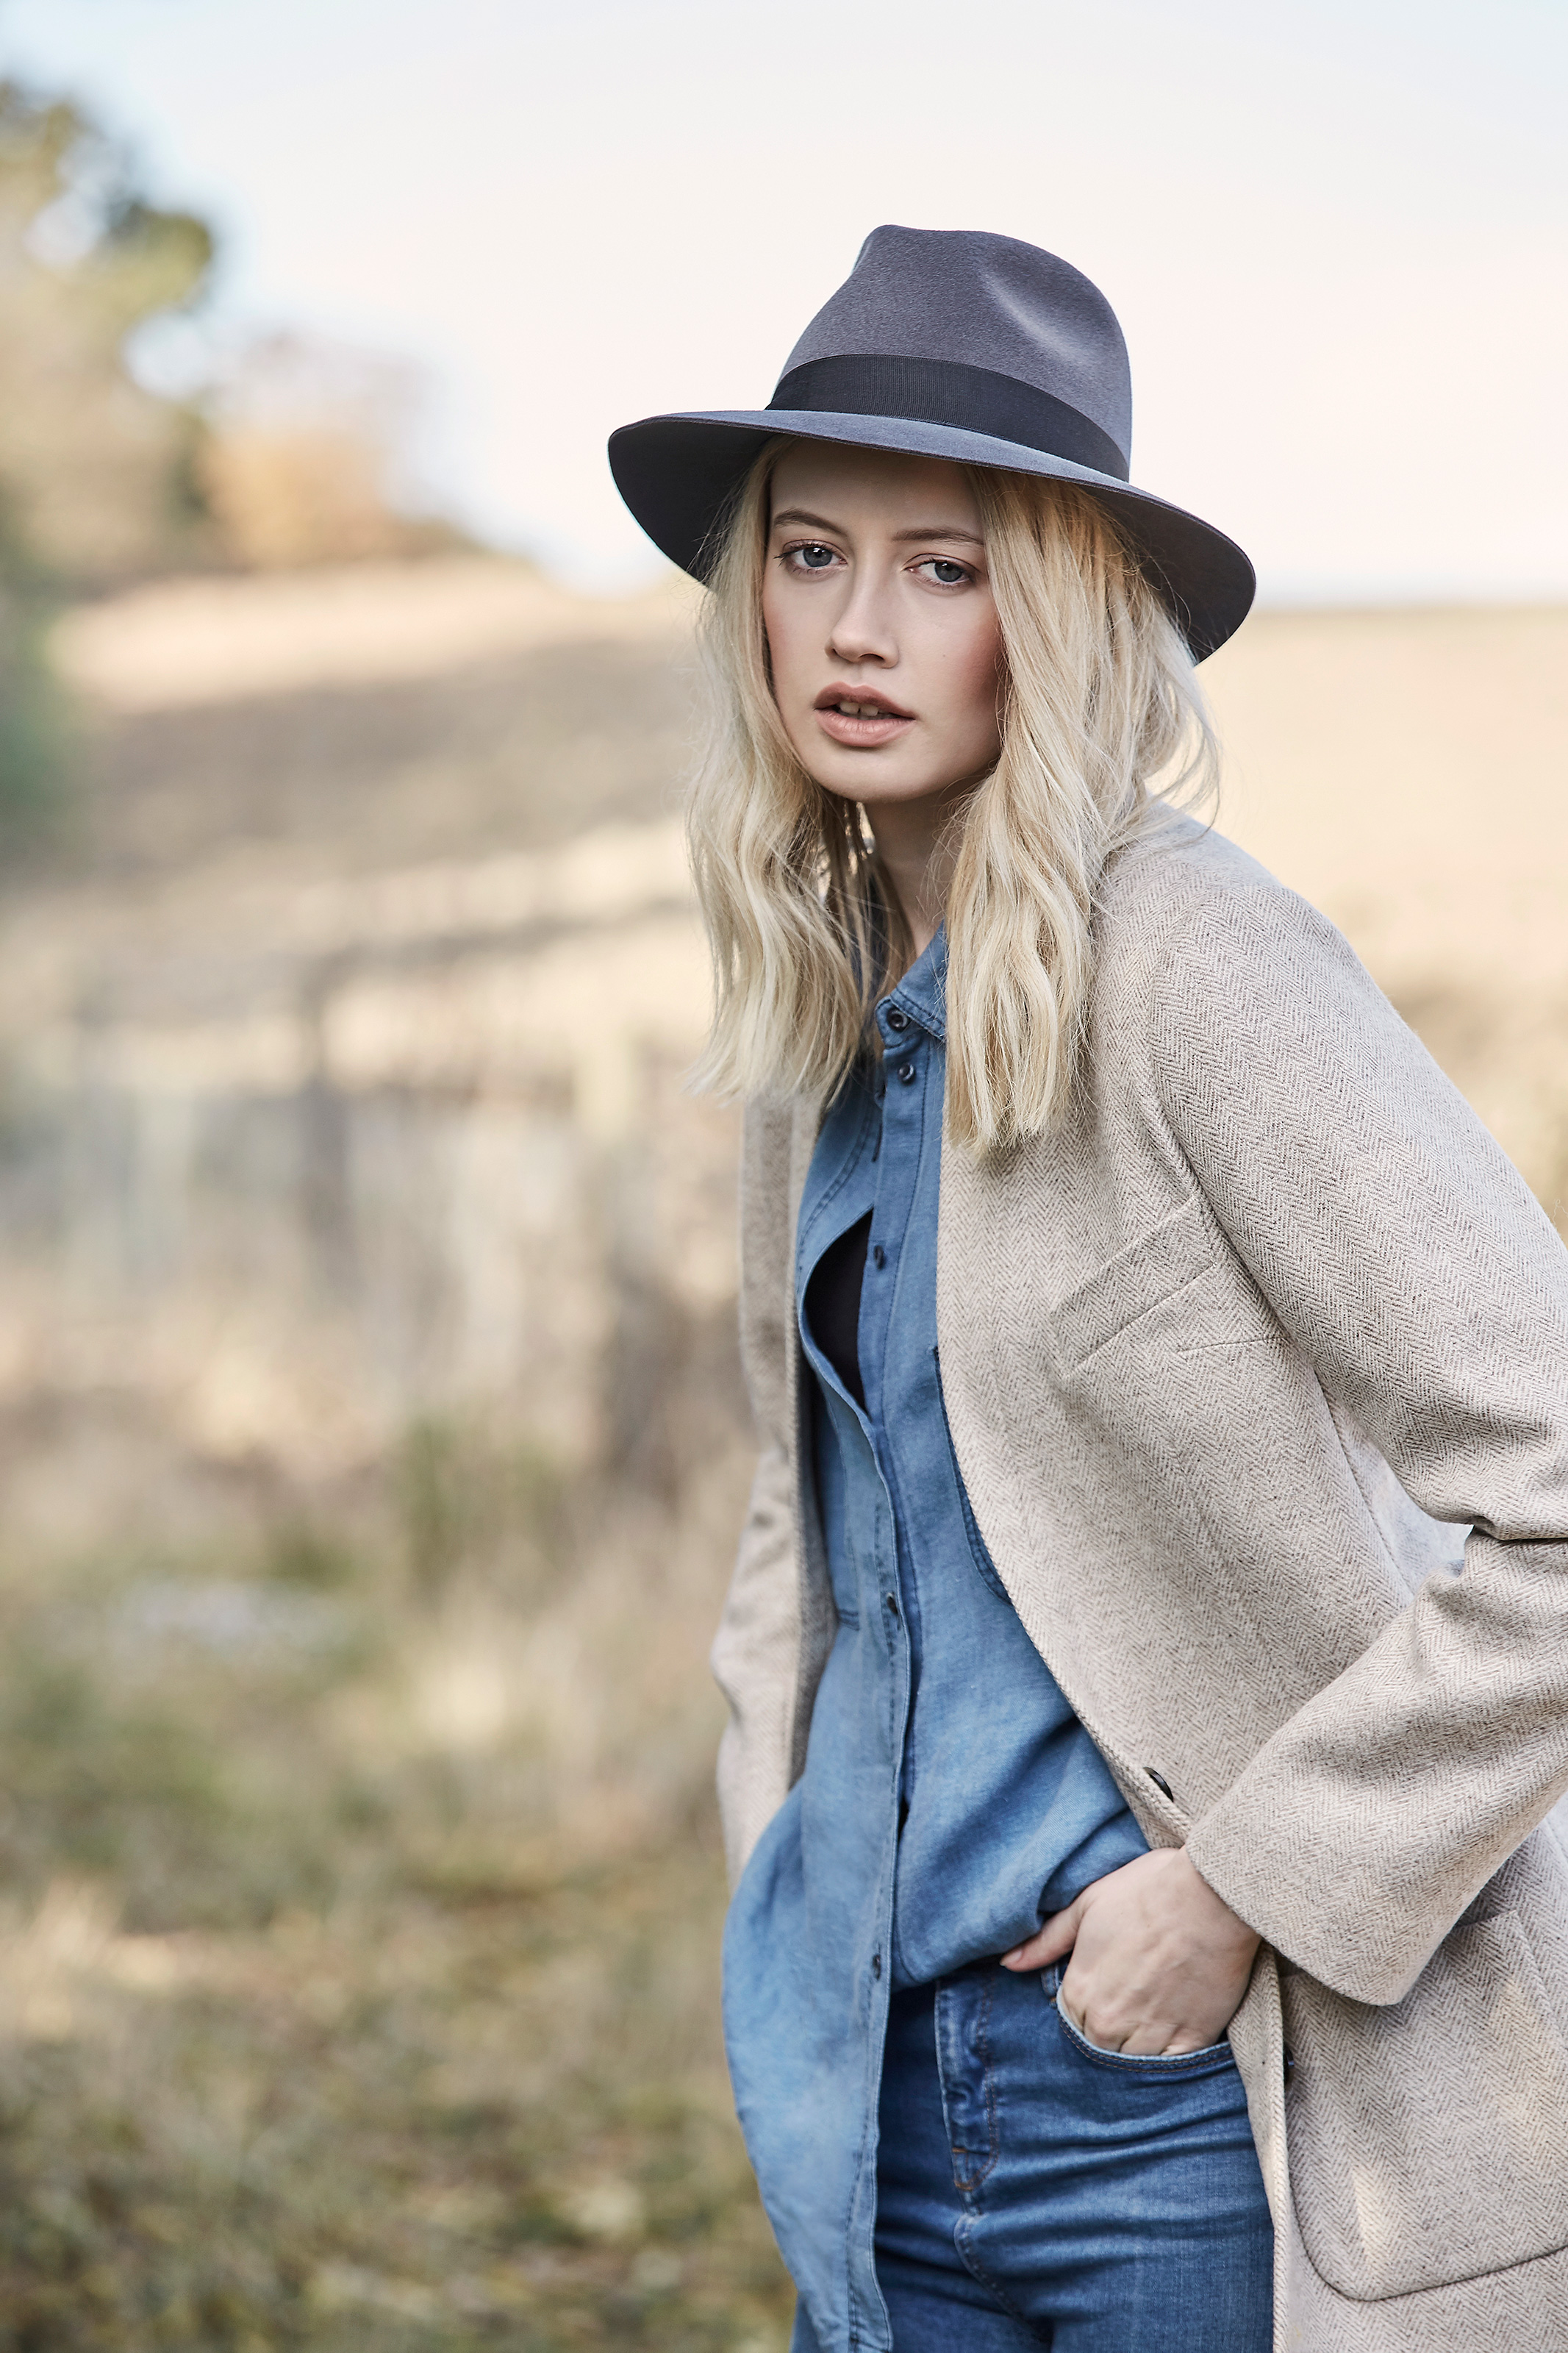 Women's Luxury Hats